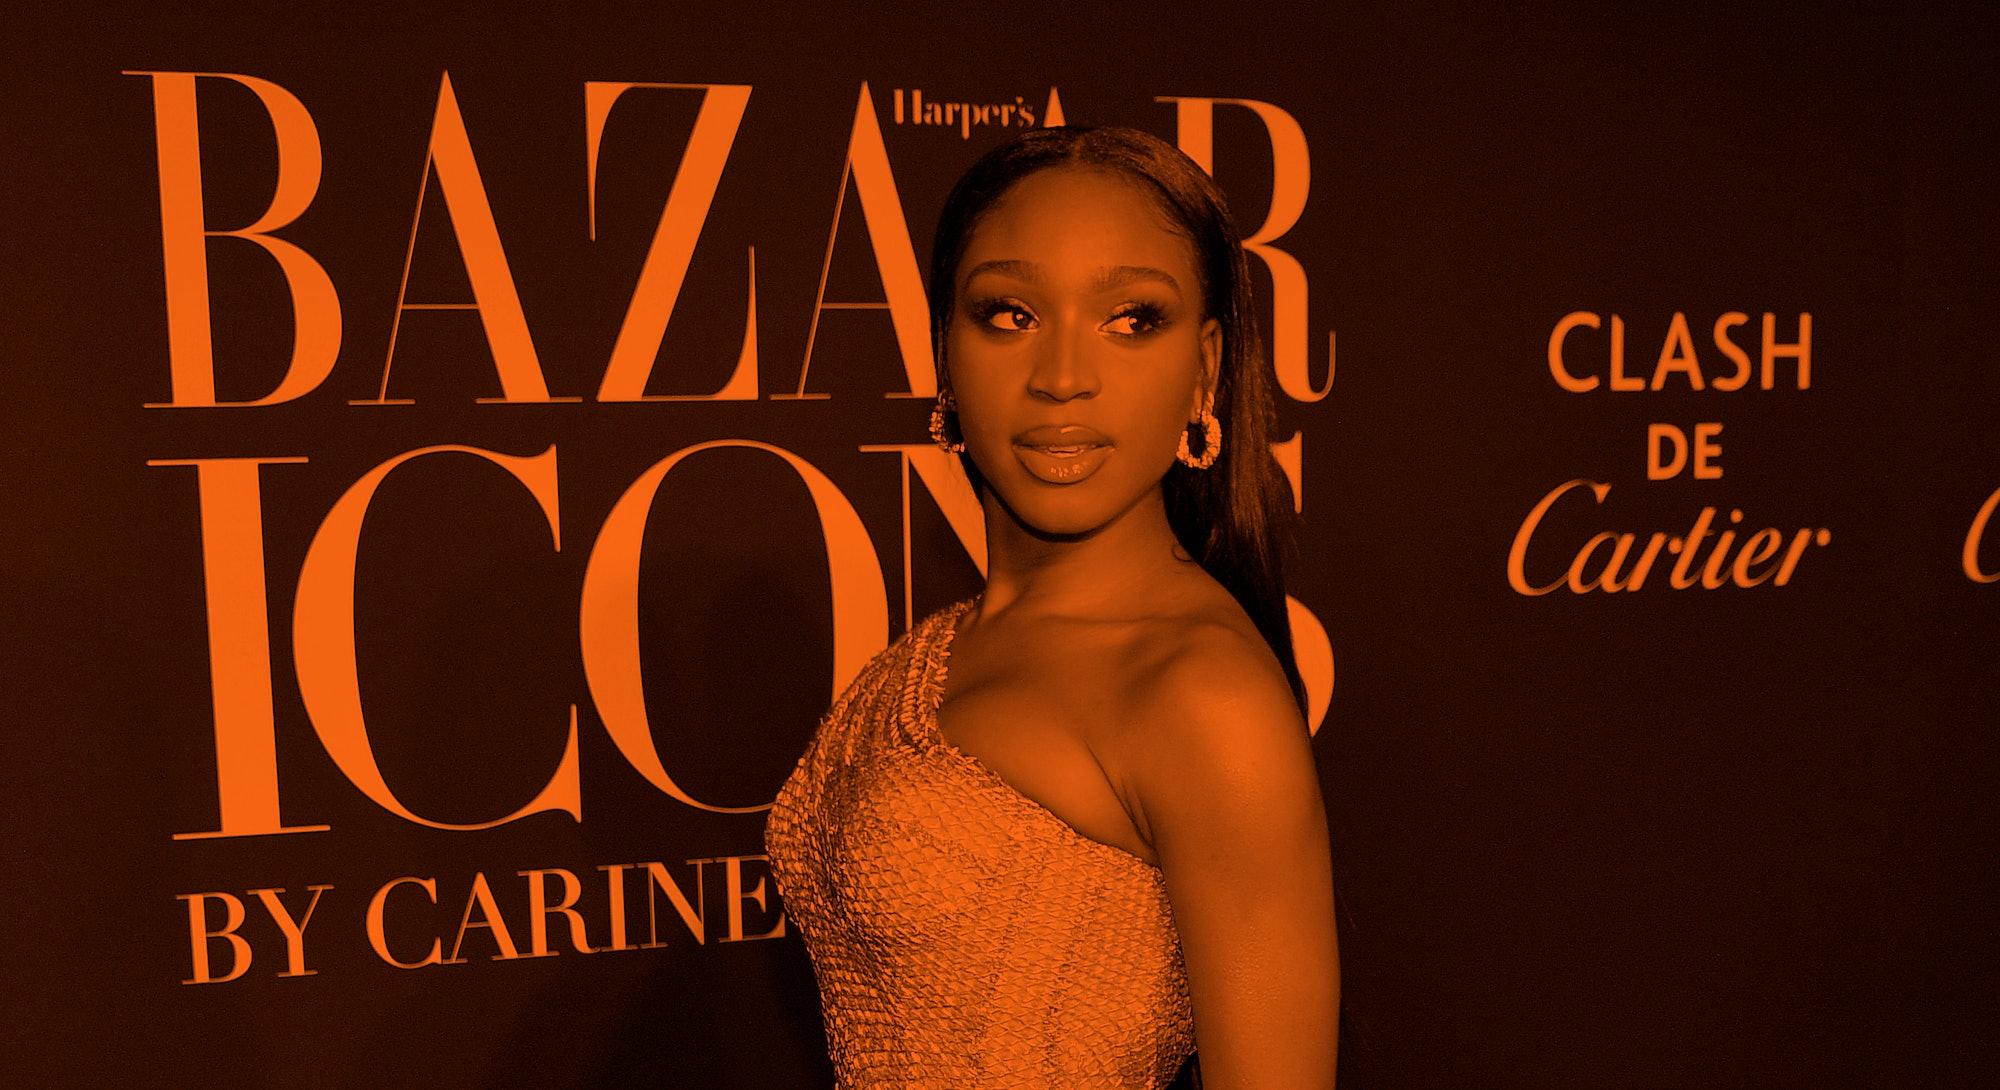 NEW YORK, NEW YORK - SEPTEMBER 06: Singer Normani attends the 2019 Harper's Bazaar ICONS on Septembe...